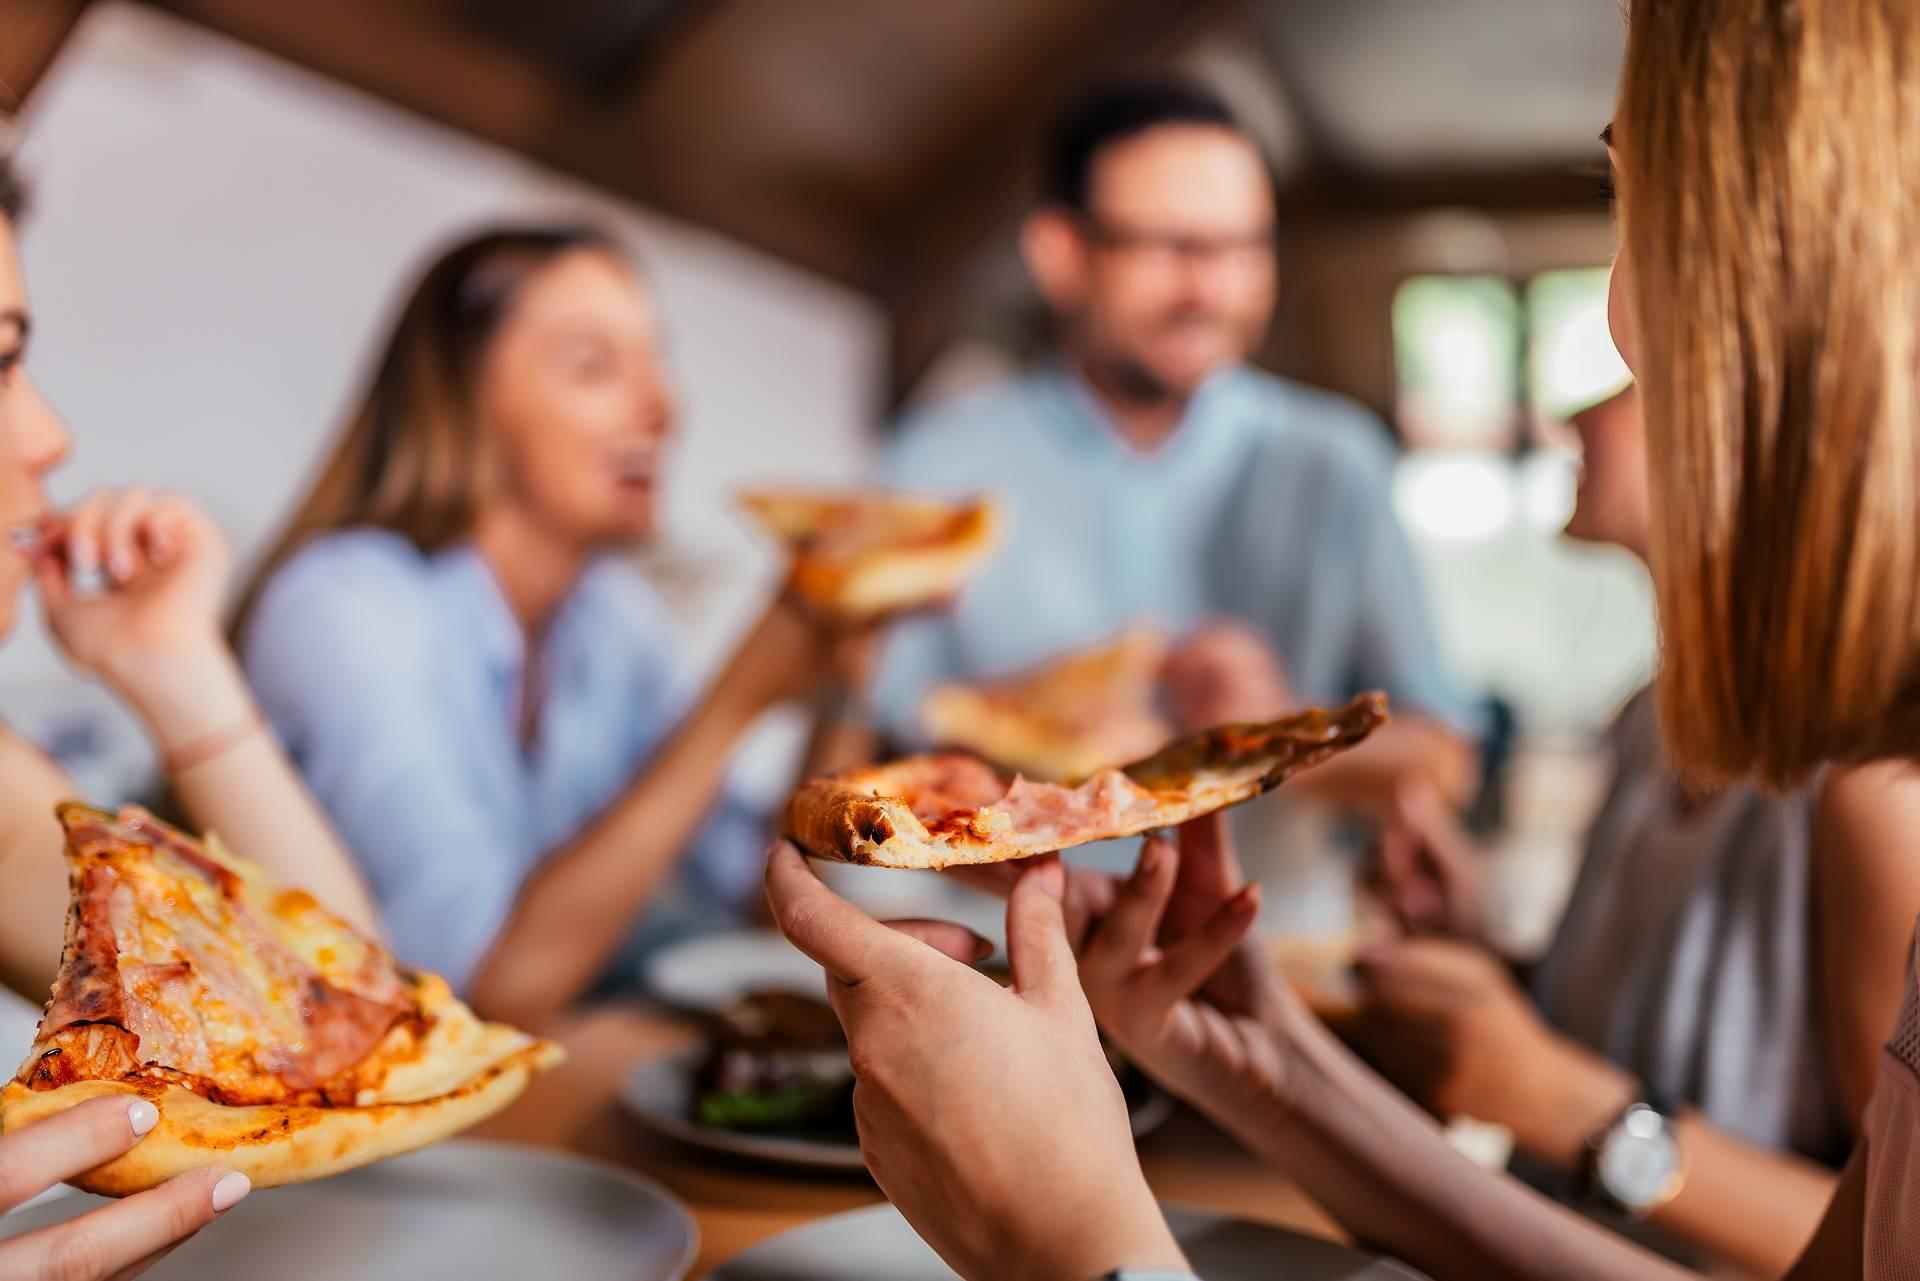 Soziale Erleichterung: Welchen Einfluss hat das Essen in (guter) Gesellschaft auf die Nahrungs- & Kalorienzufuhr?